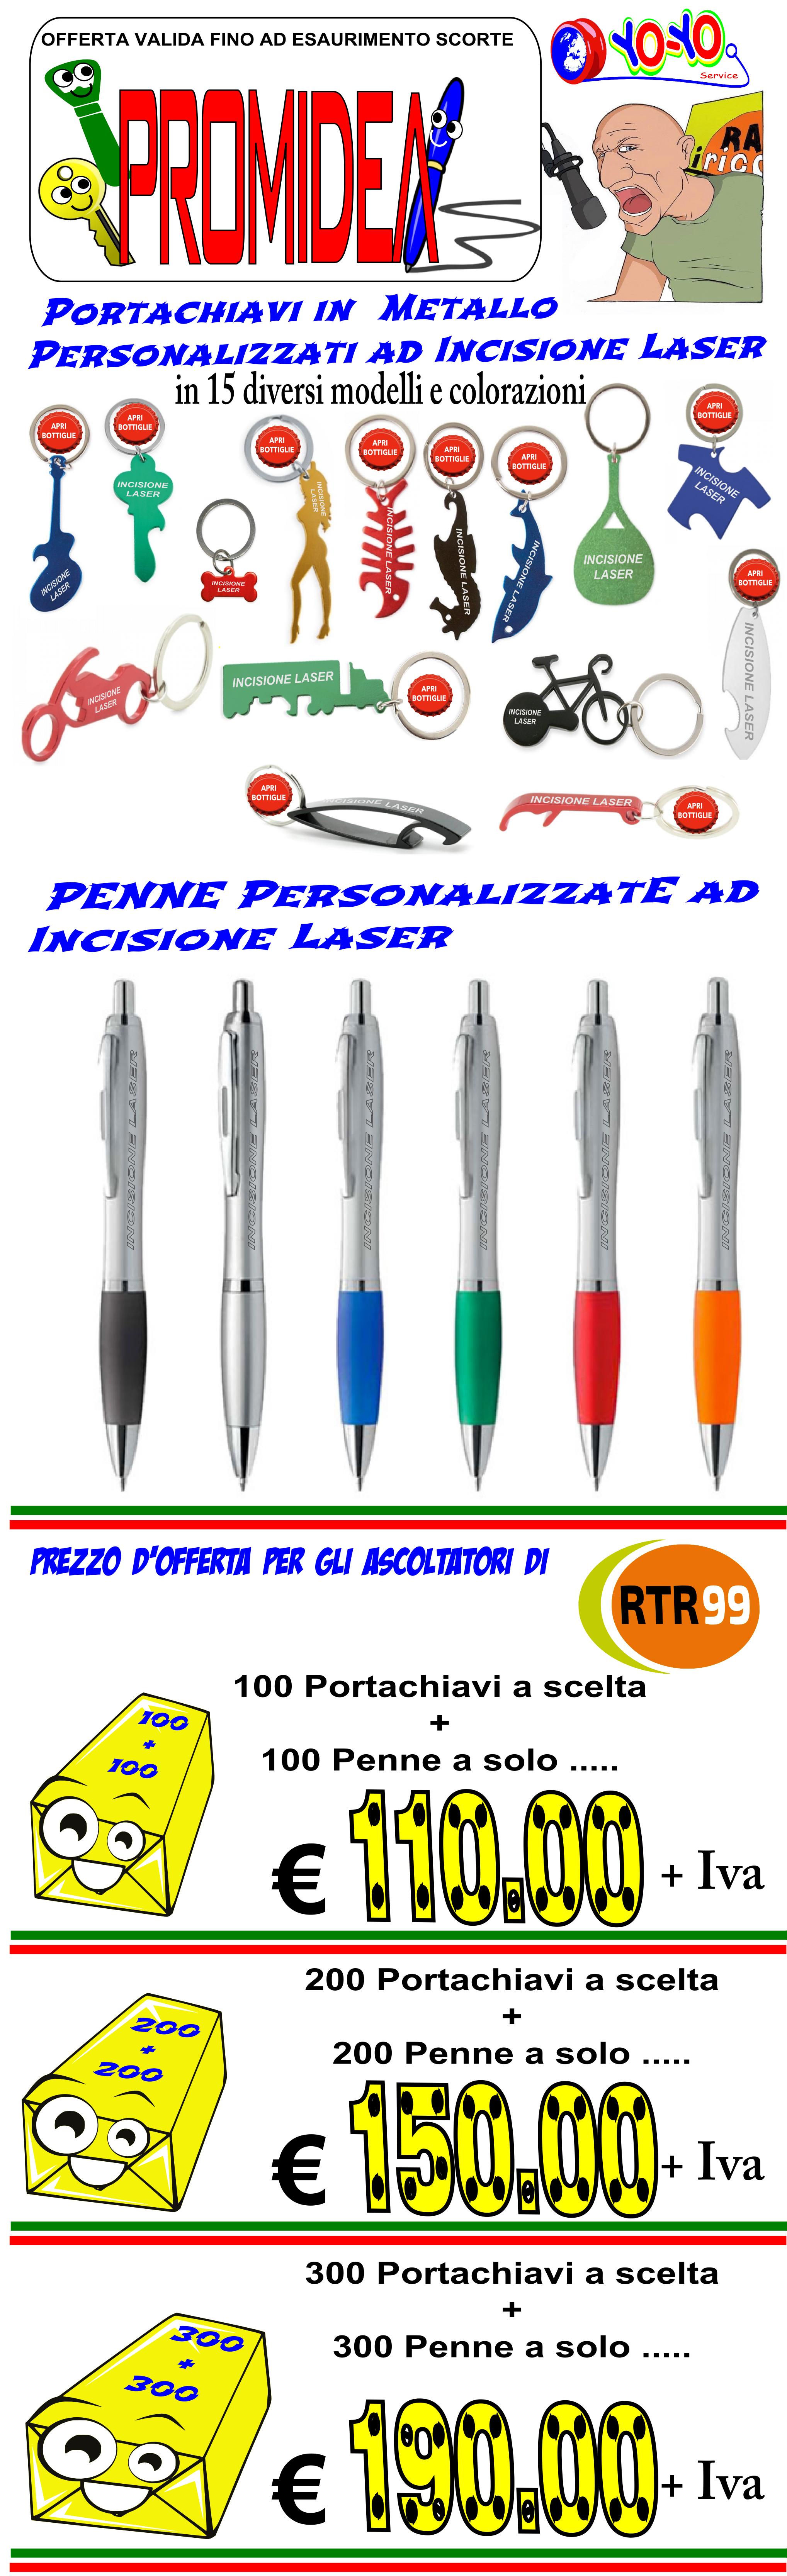 pacco casciani PROMIDEA gadget articoli promozionali rtr99 luca